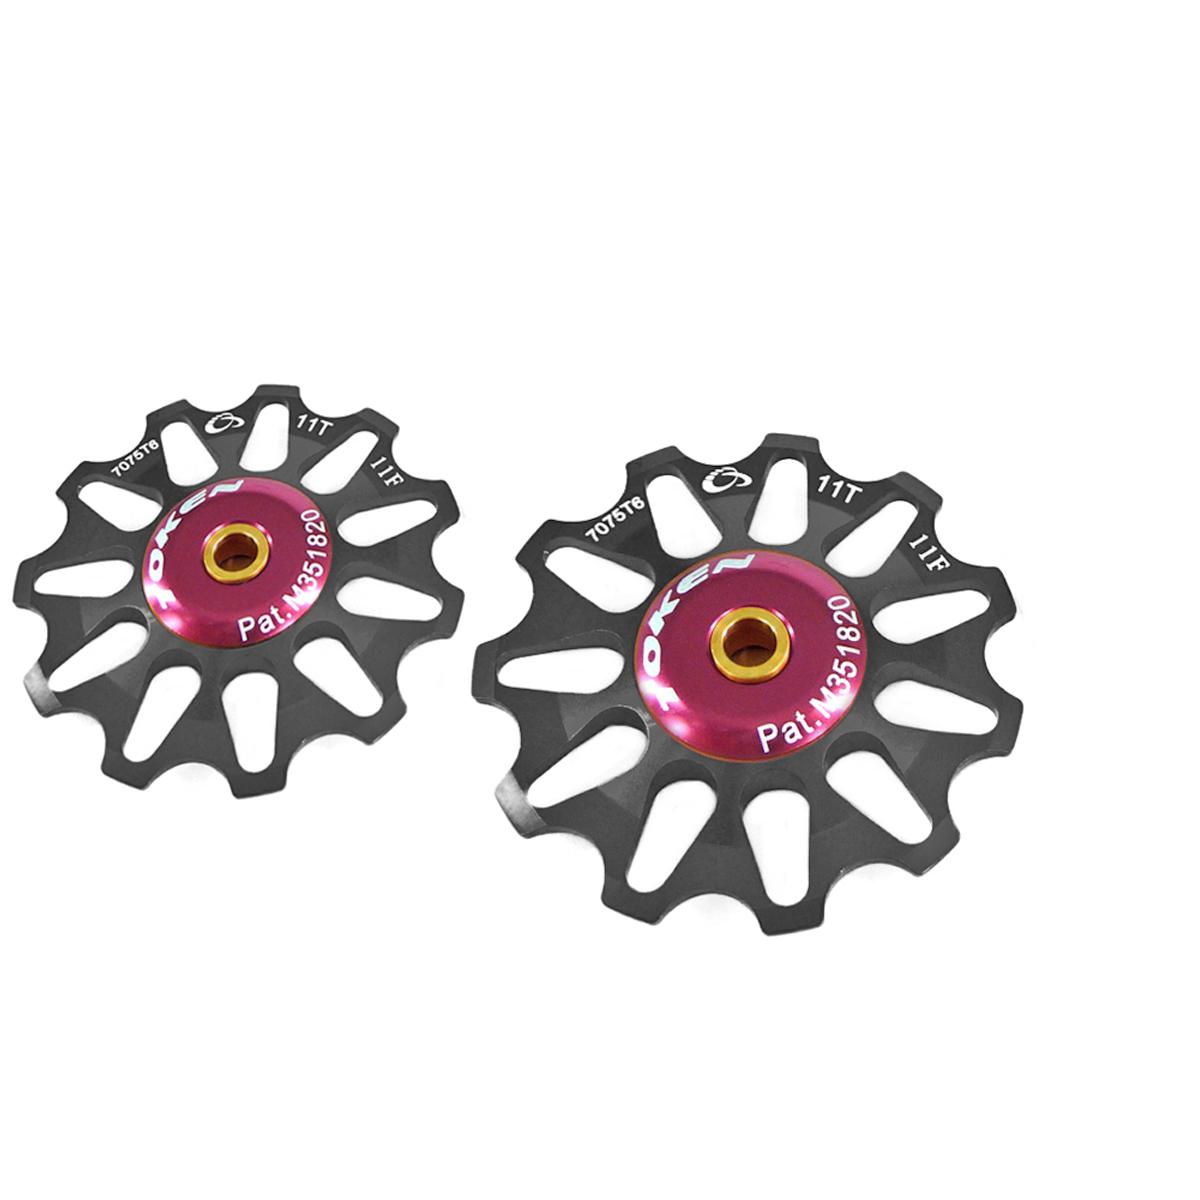 Galets de dérailleur Token 11 dents compatible Shimano/Campagnolo/SRAM XO noir (la paire)